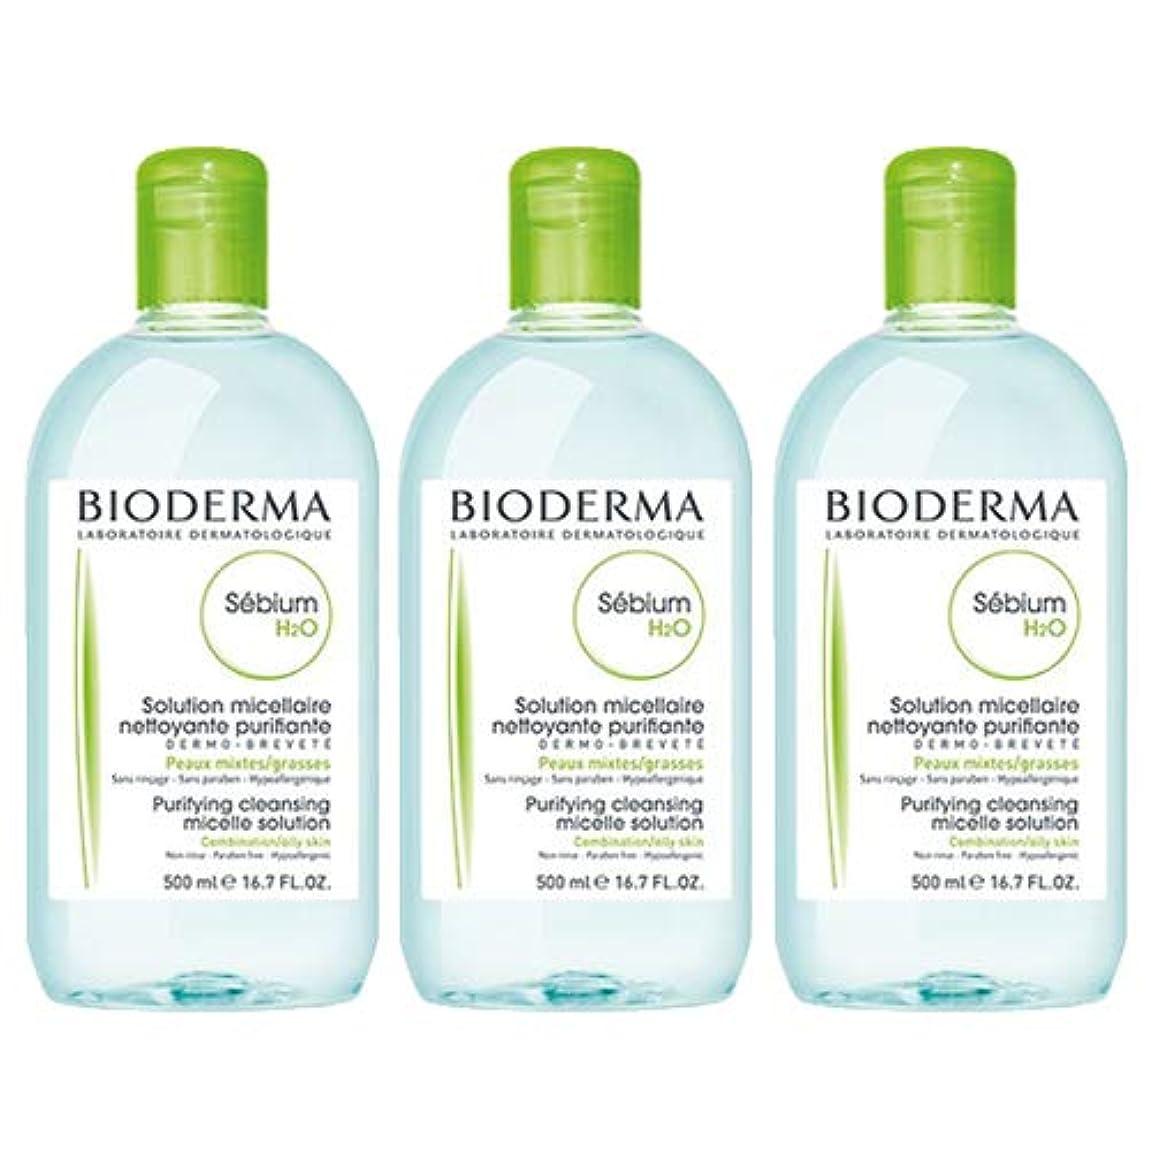 ためににぎやか影響力のあるビオデルマ BIODERMA セビウム H2O (エイチ ツーオー) D 500mL 【3本セット】 [並行輸入品]